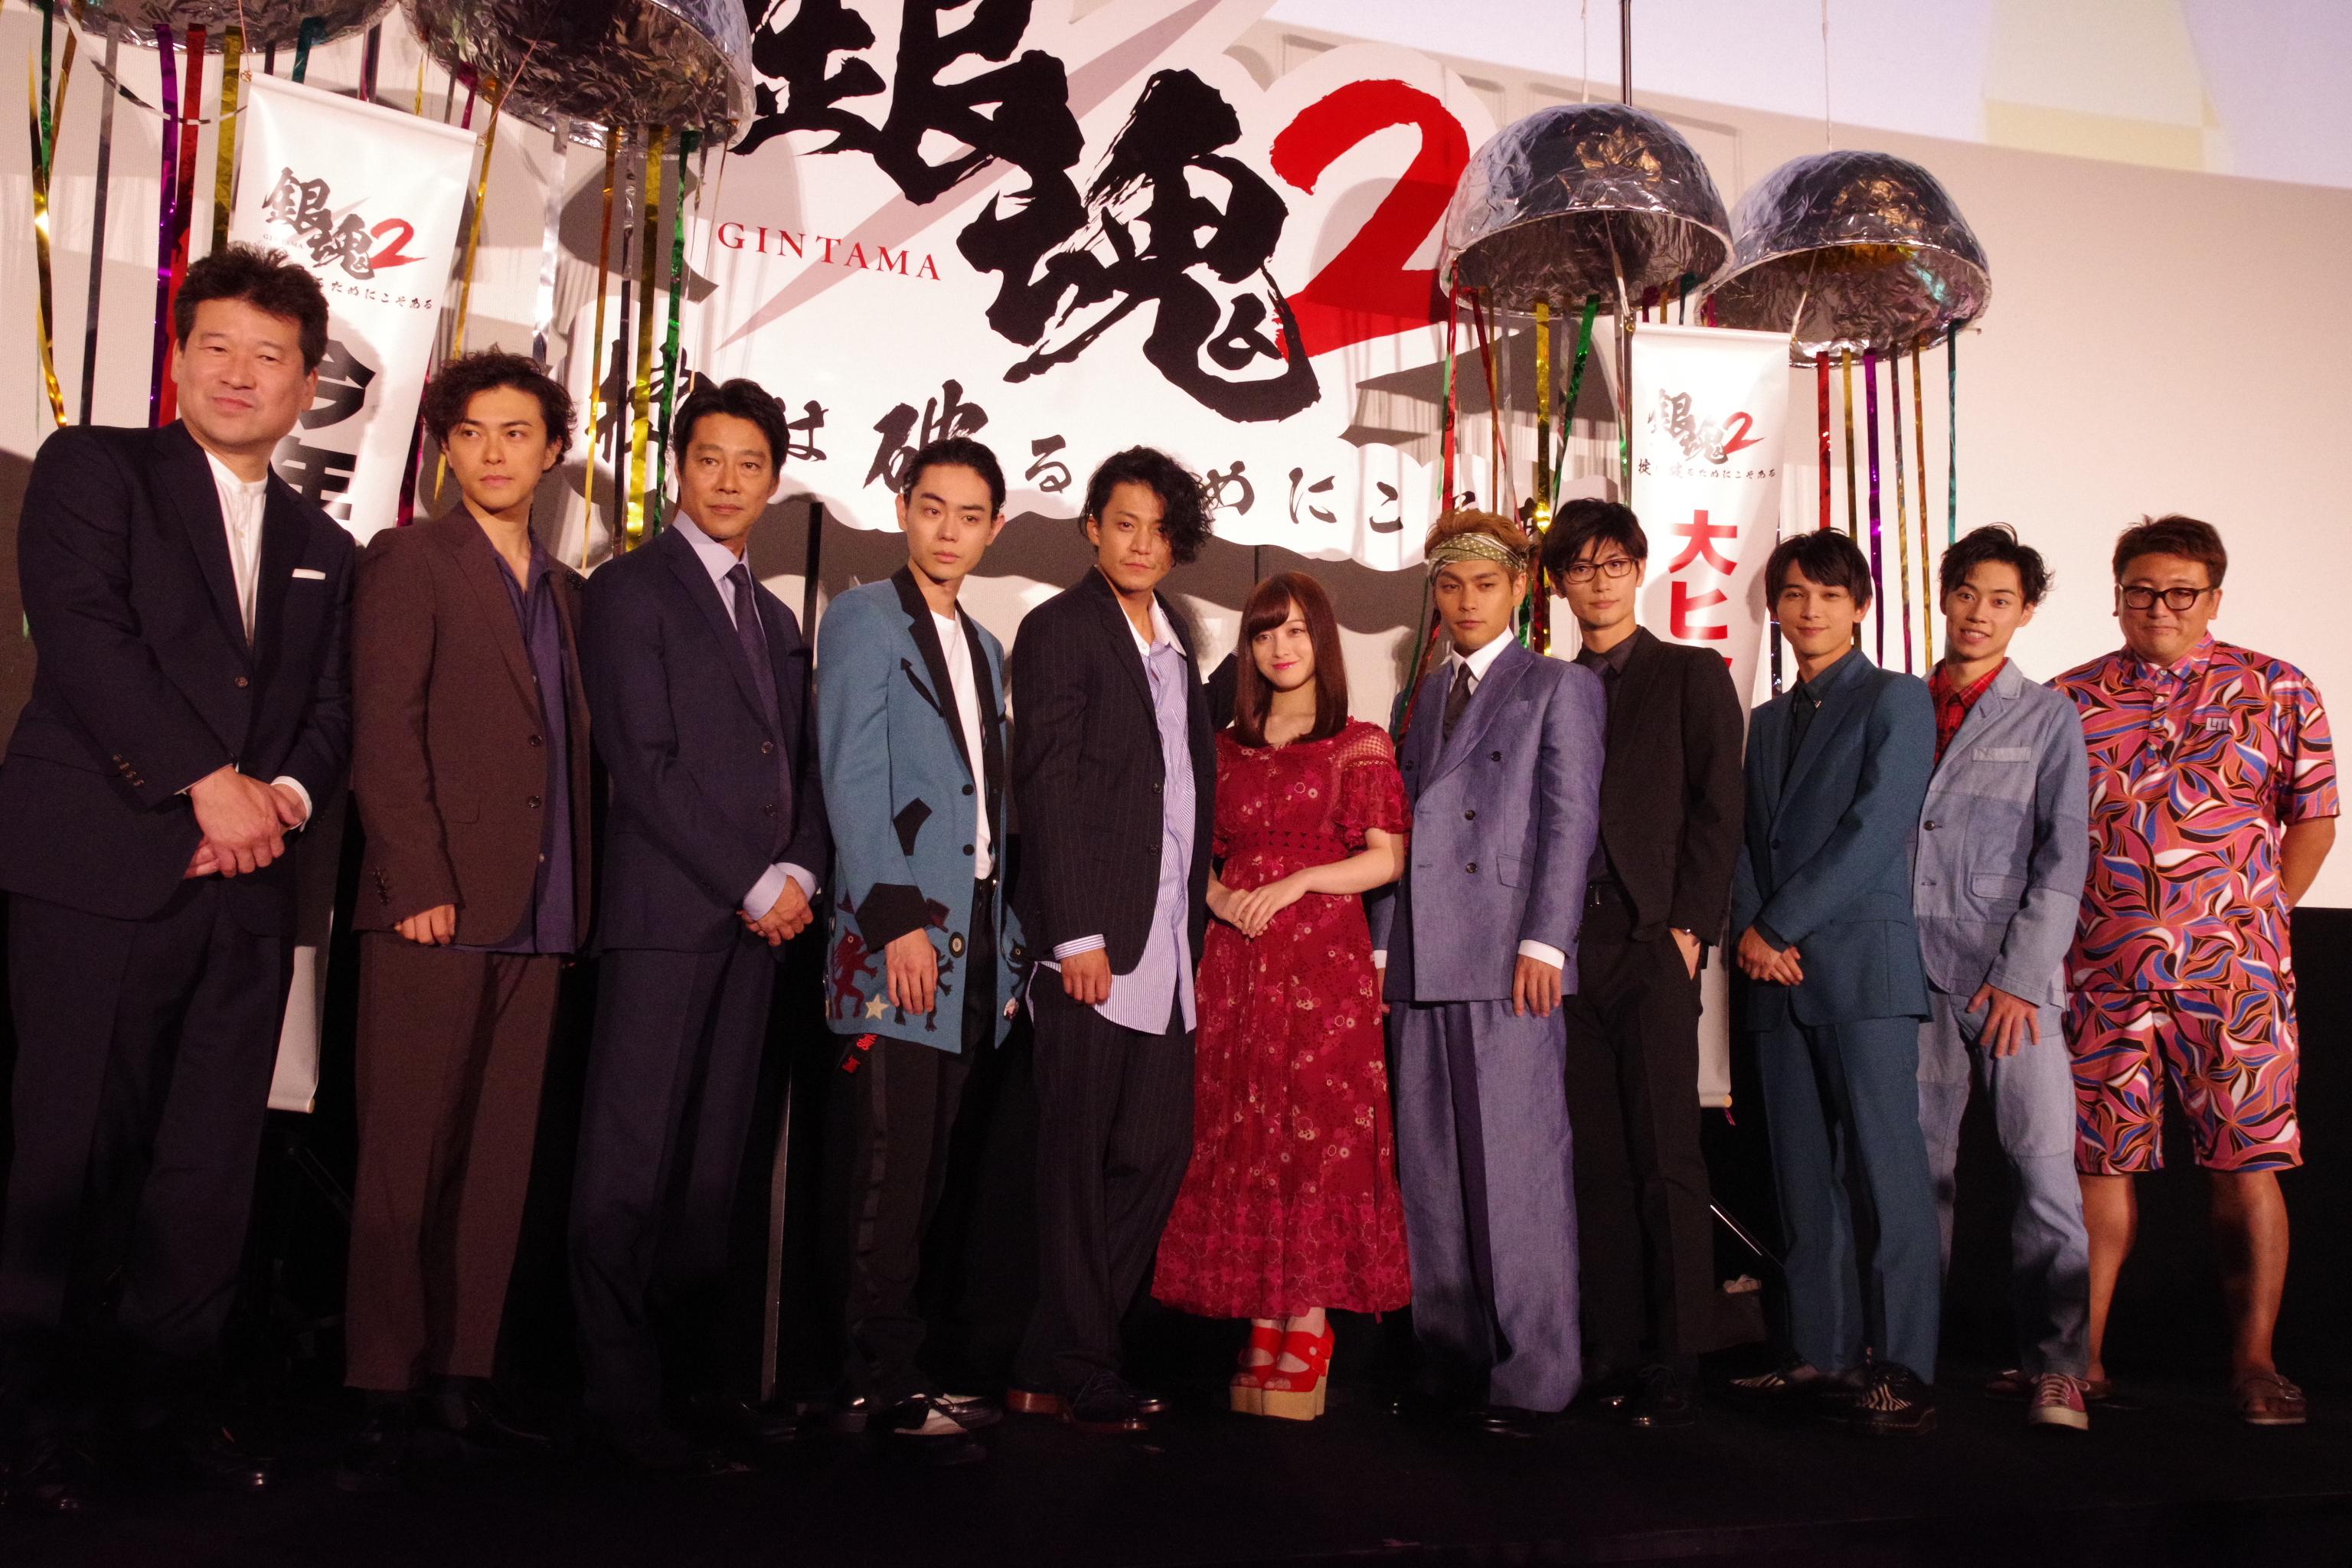 映画『銀魂2』初日舞台挨拶をレポート